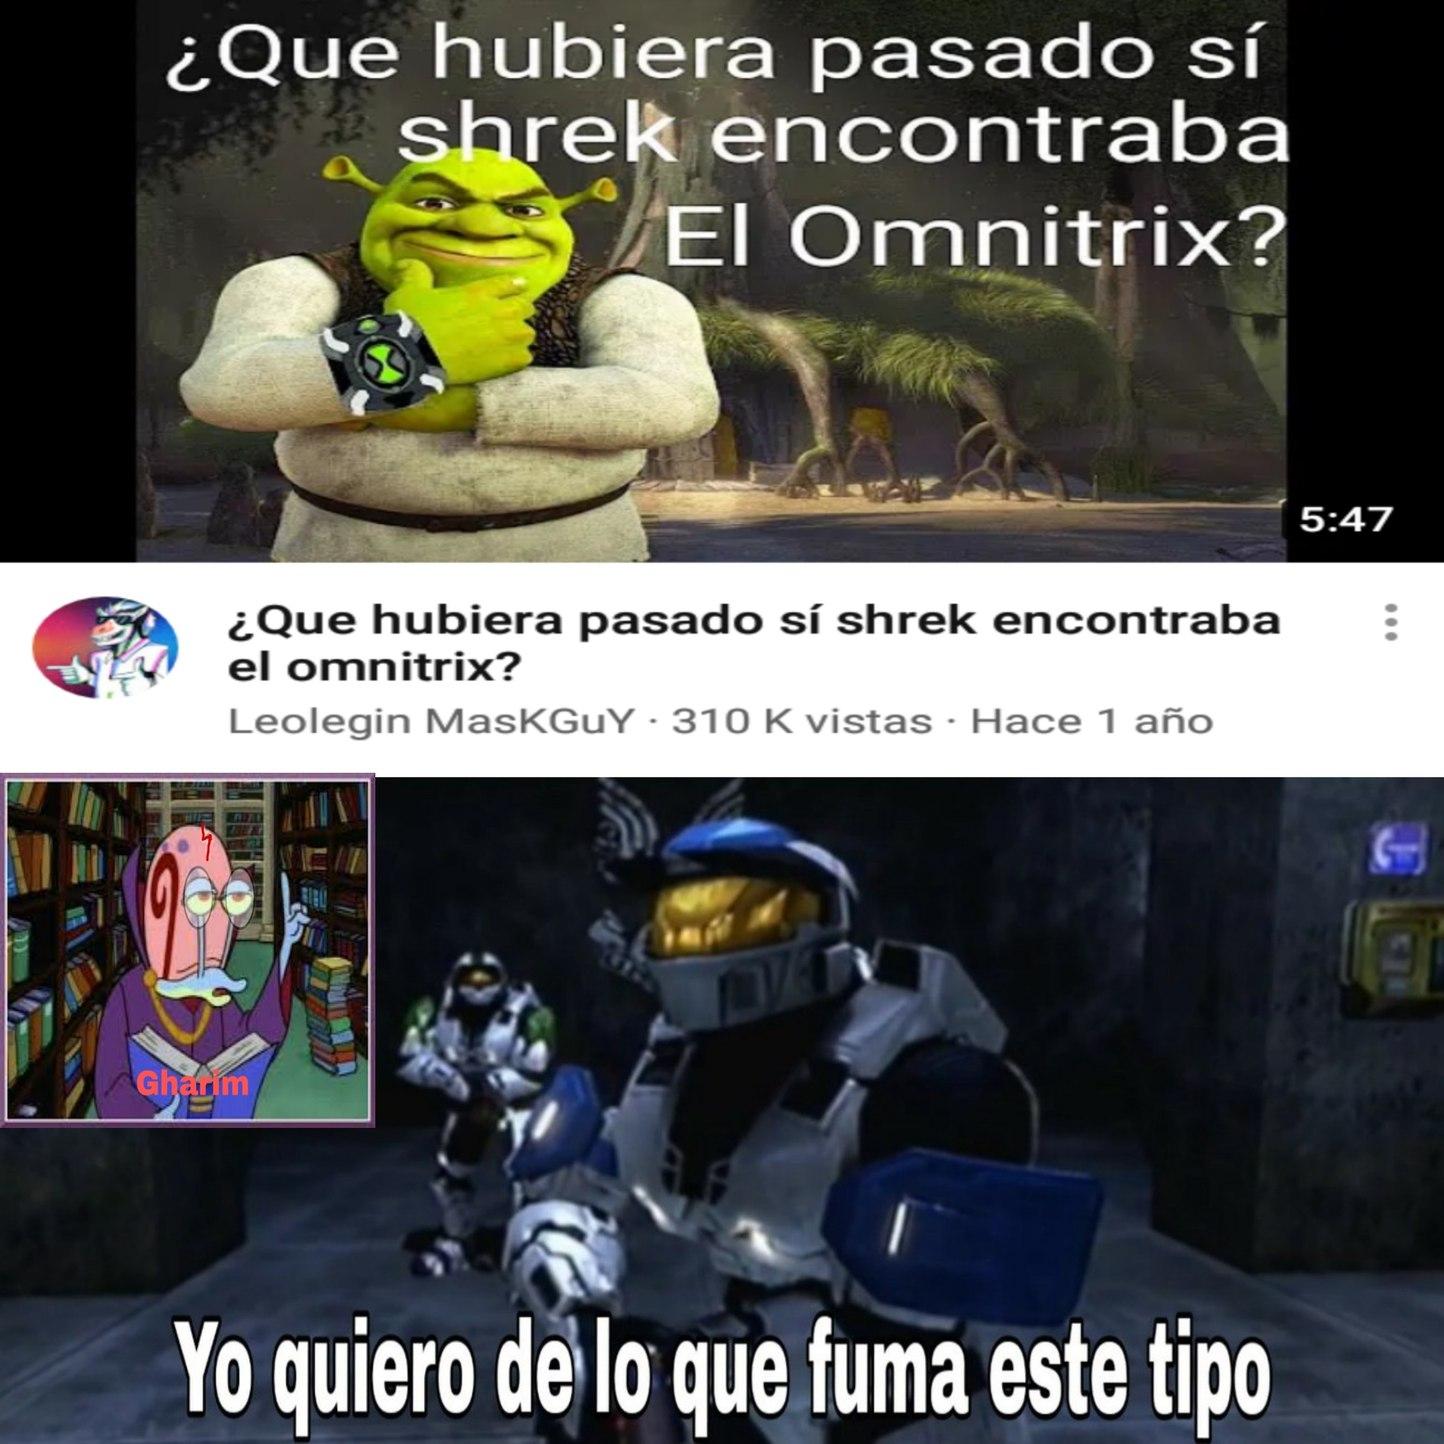 Cada vez hacen videos raros en Youtube - meme